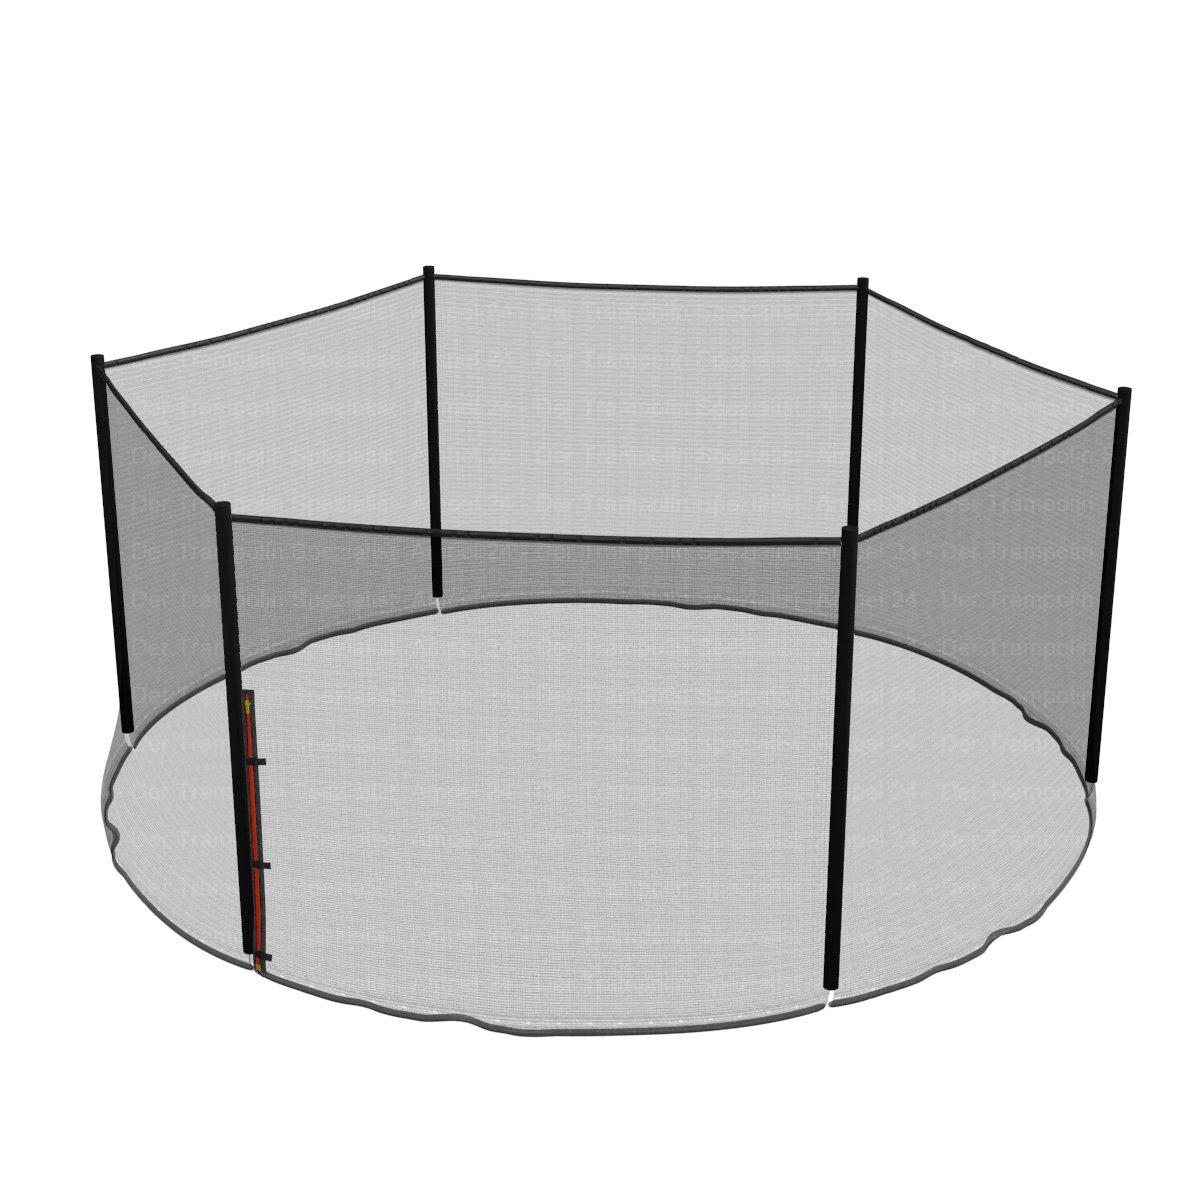 Ampel 24 Trampolin Sicherheitsnetz   Ersatznetz 430 cm für 6 Pfosten   UV-Besteändig   extrem reißfest   Netz außenliegend